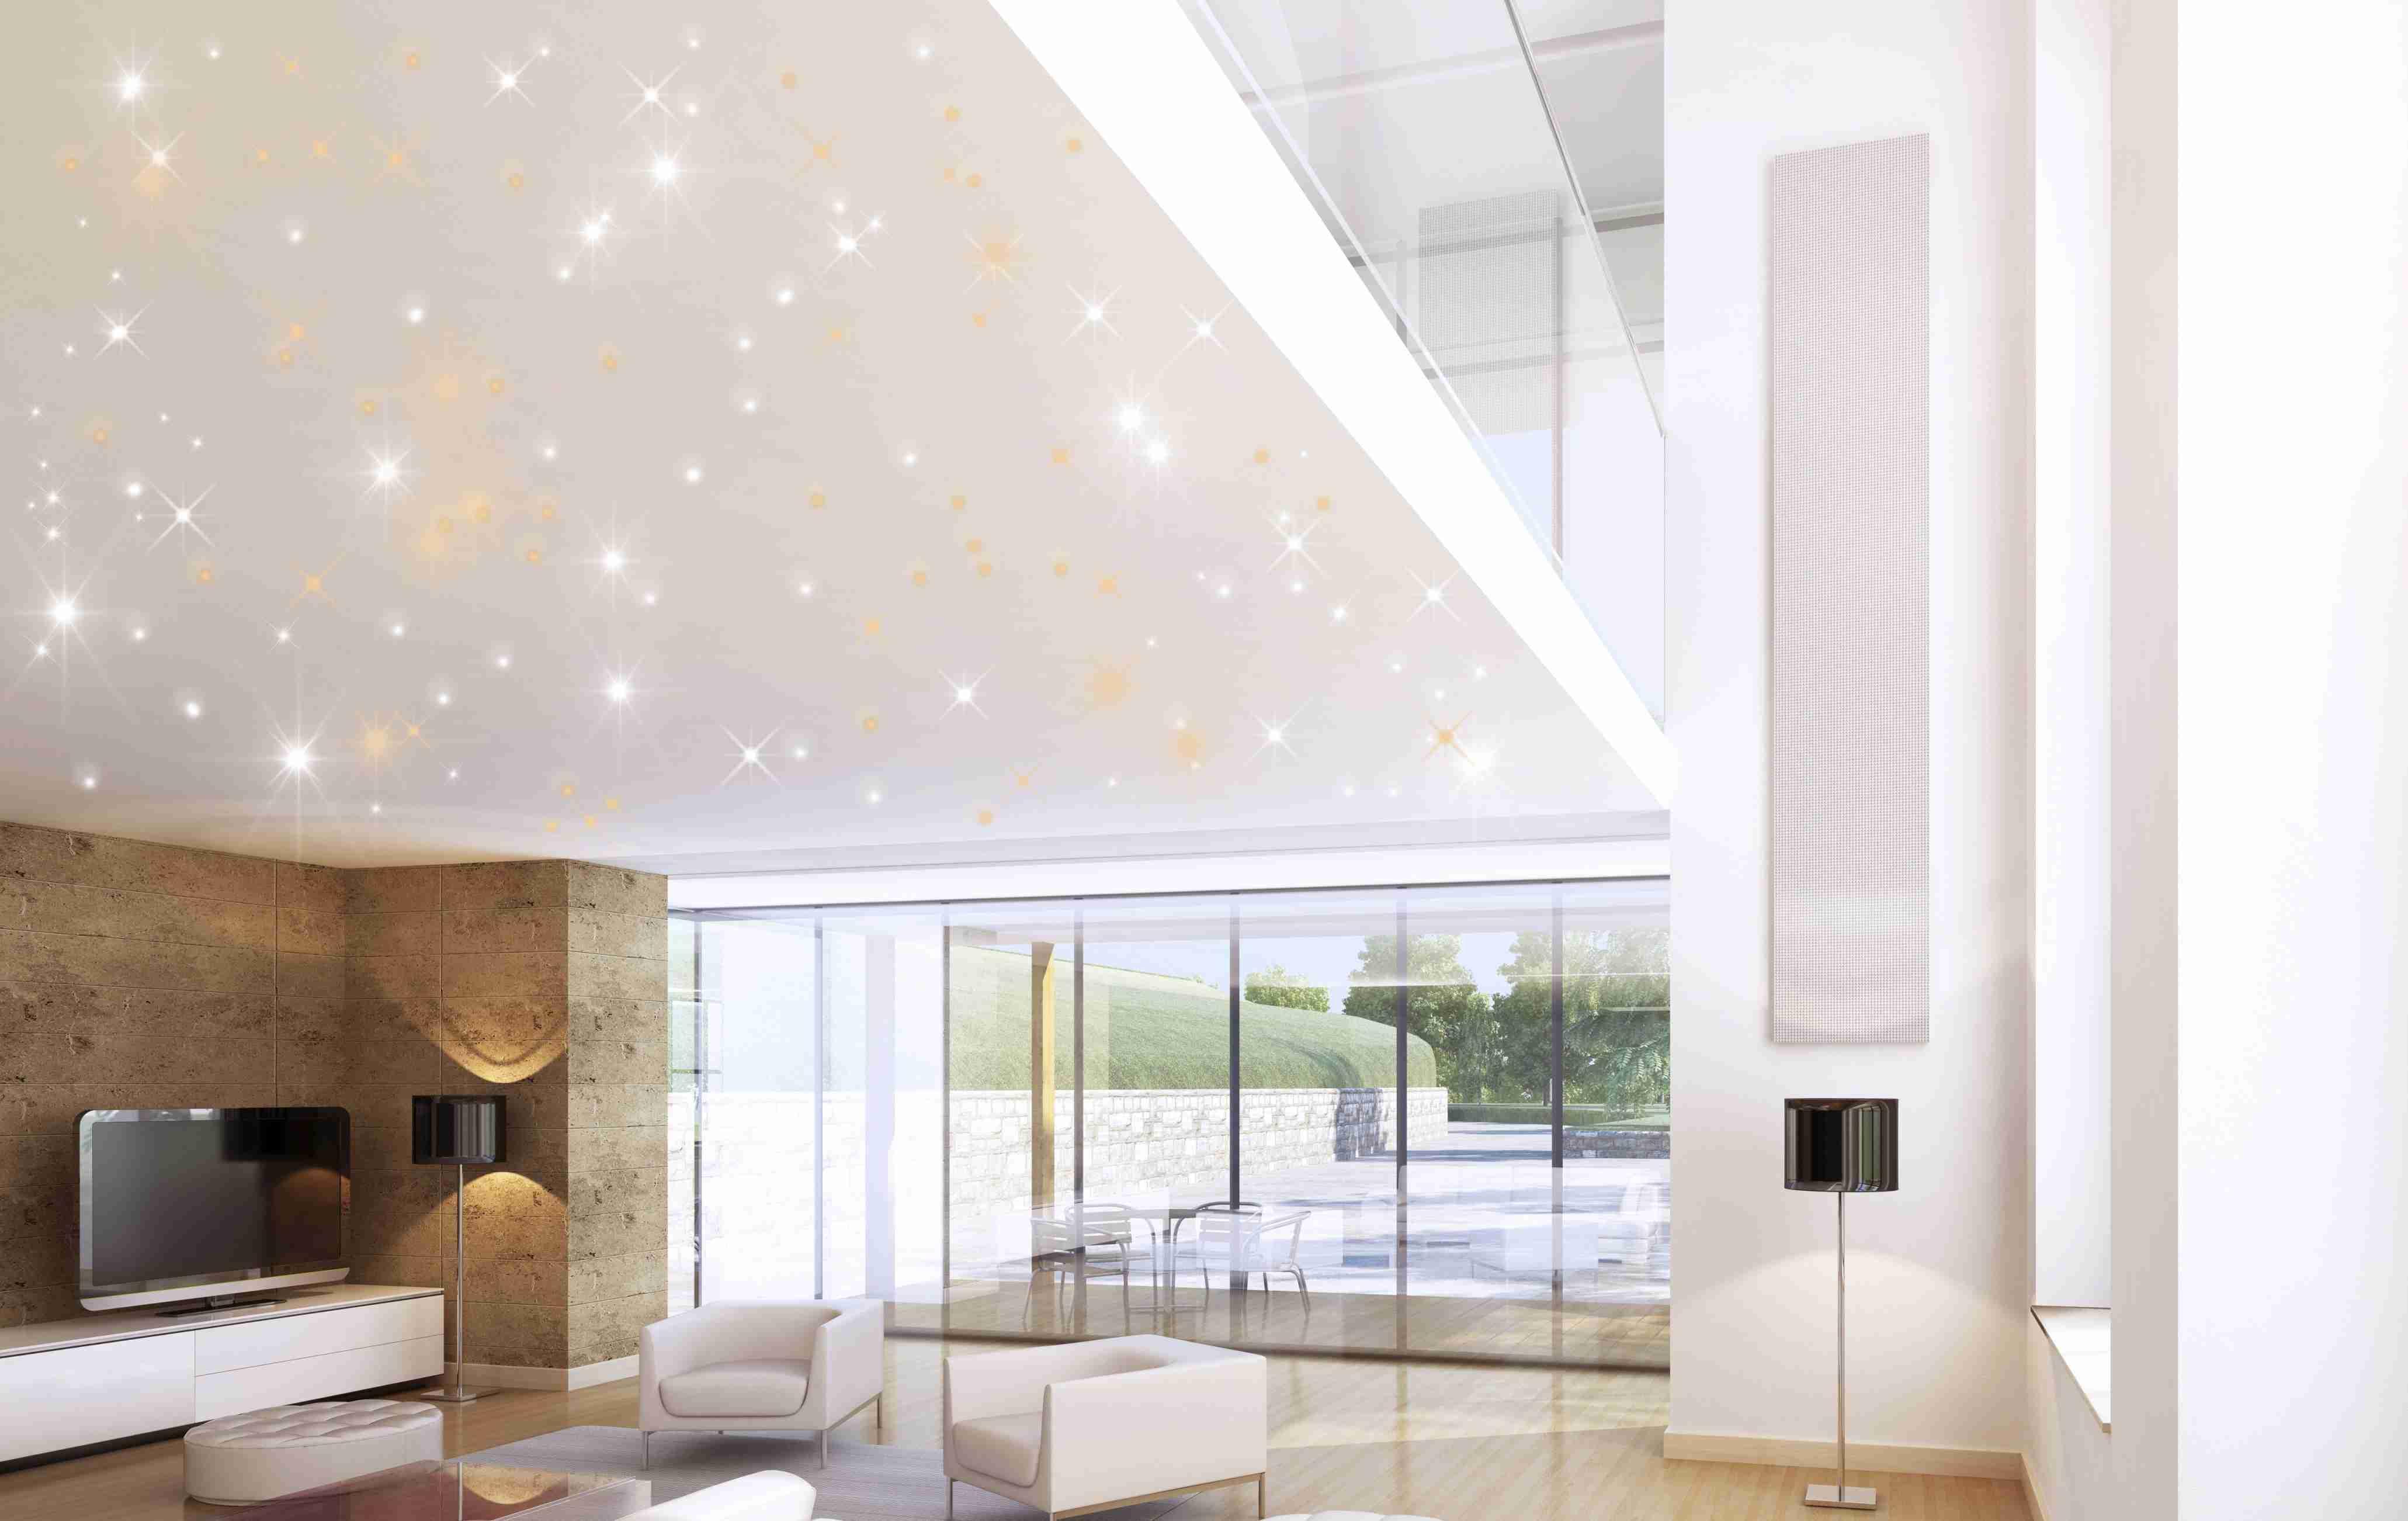 LED Sternenhimmel zu Hause oder im Betrieb installieren